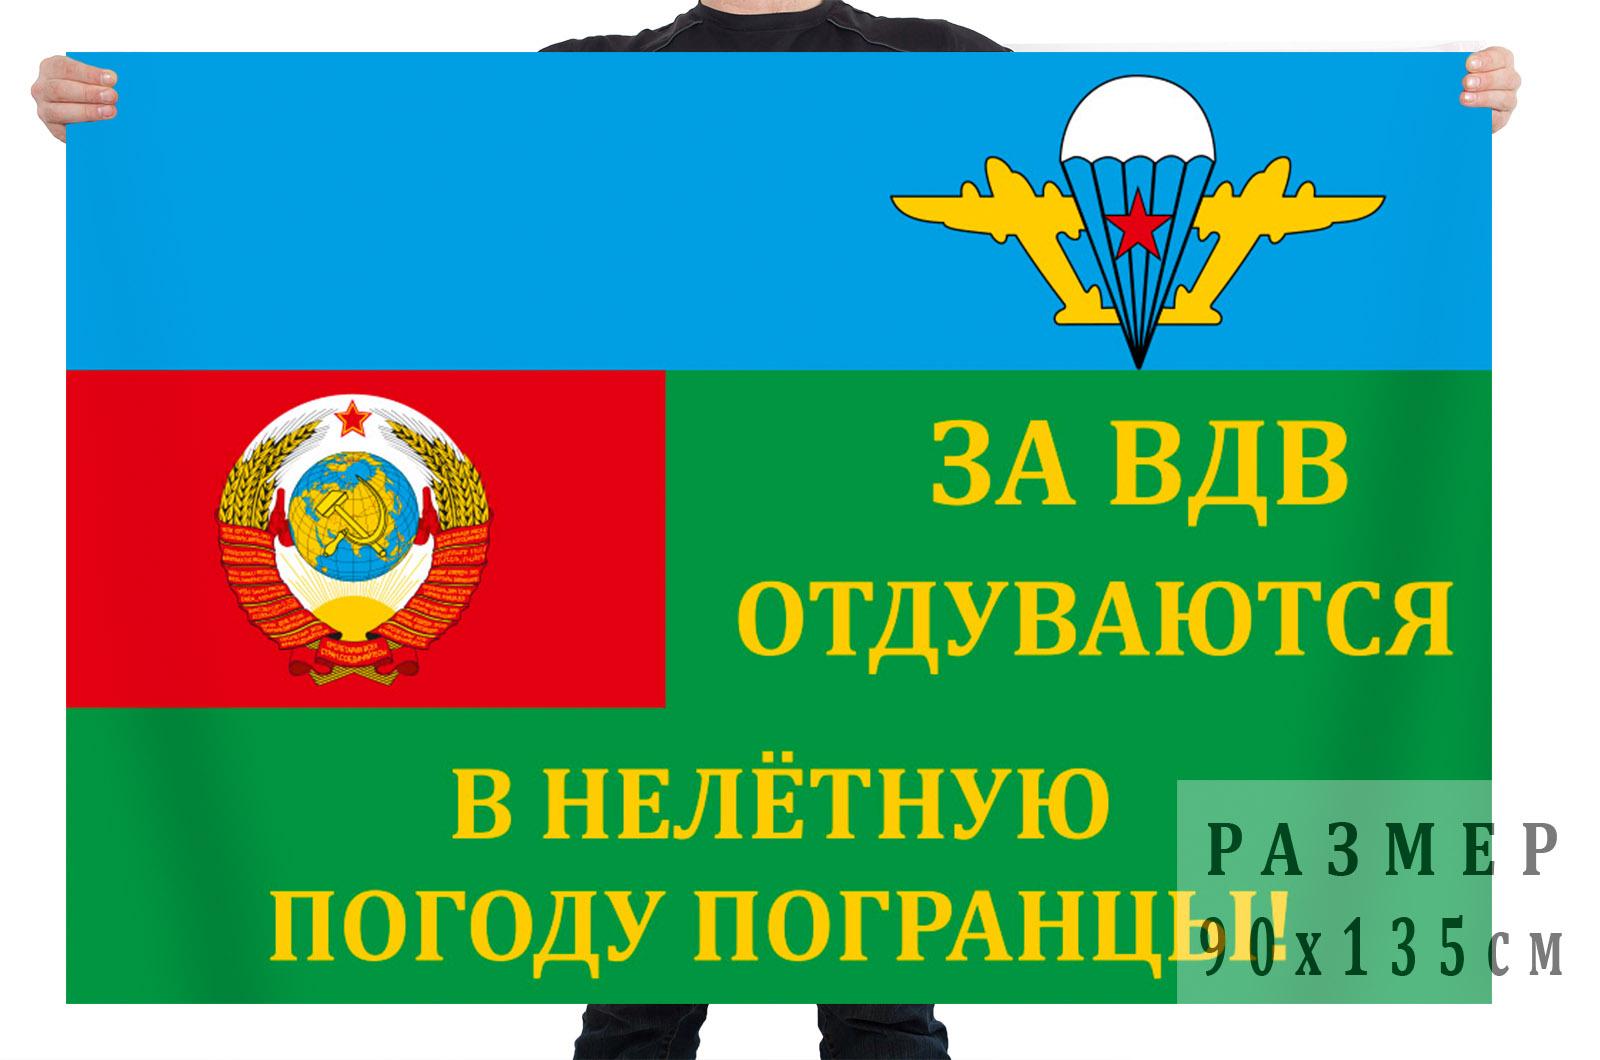 Флаг ВДВ и погранвойск СССР